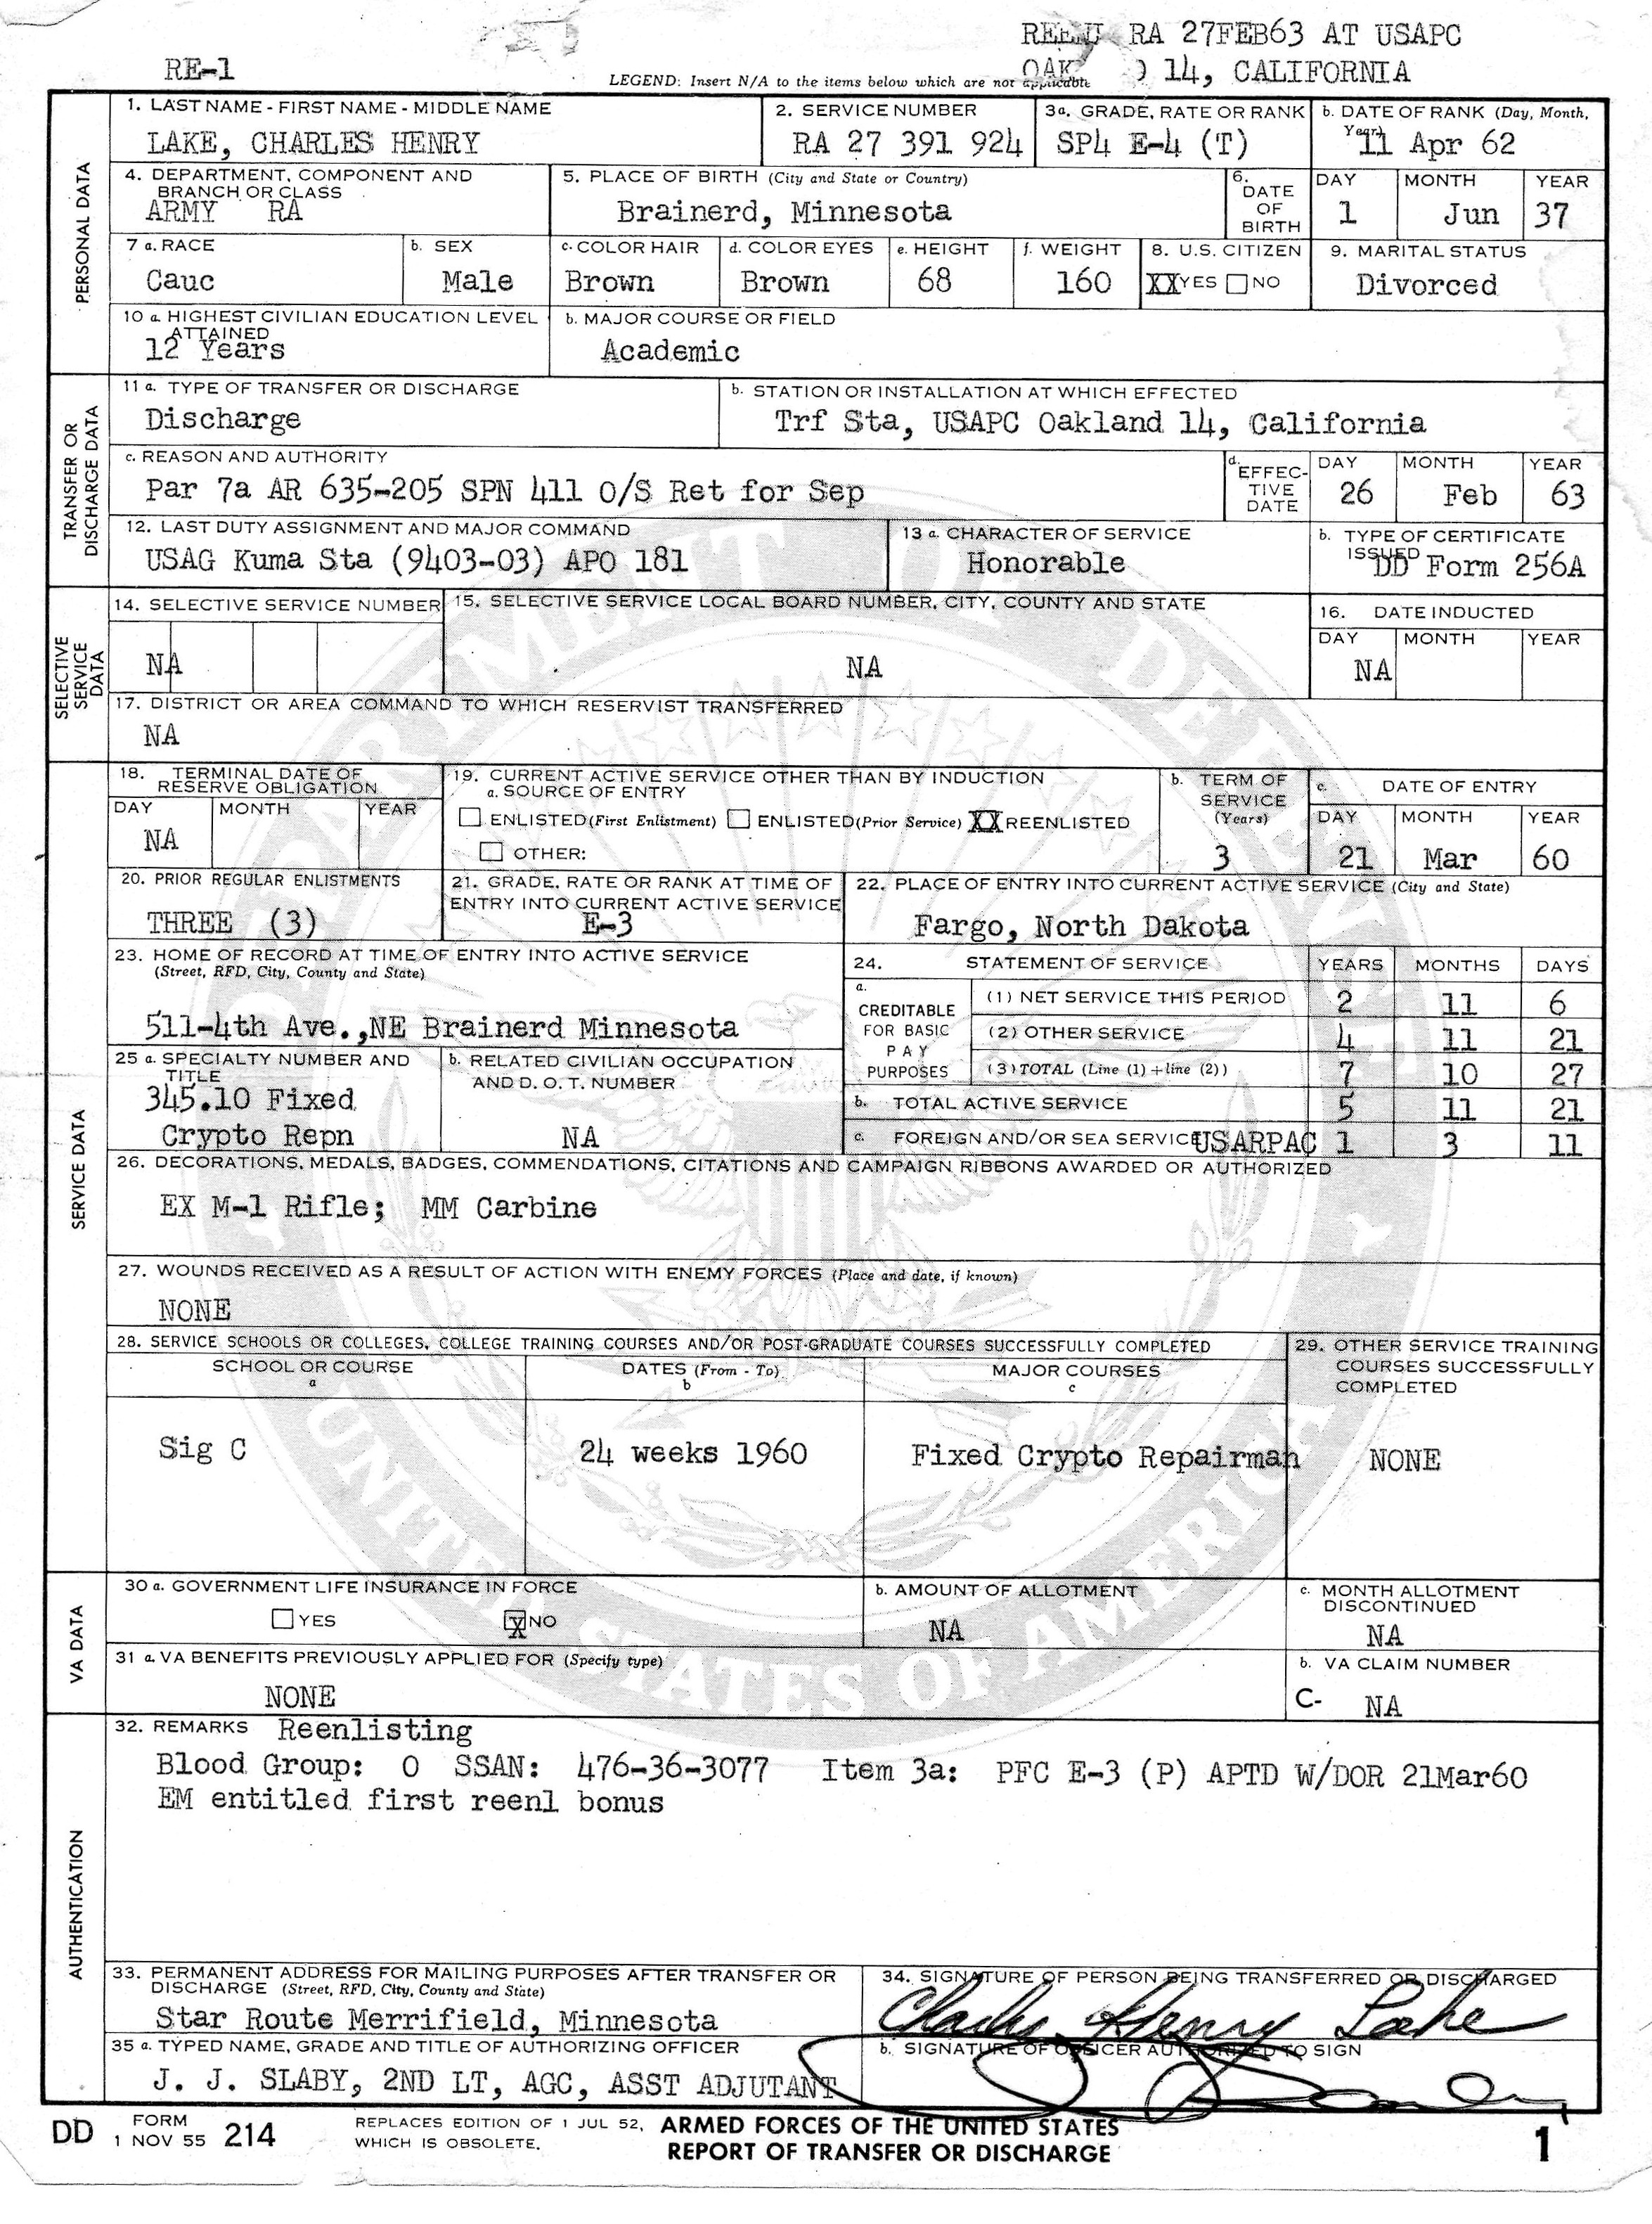 Dd214 Form Online